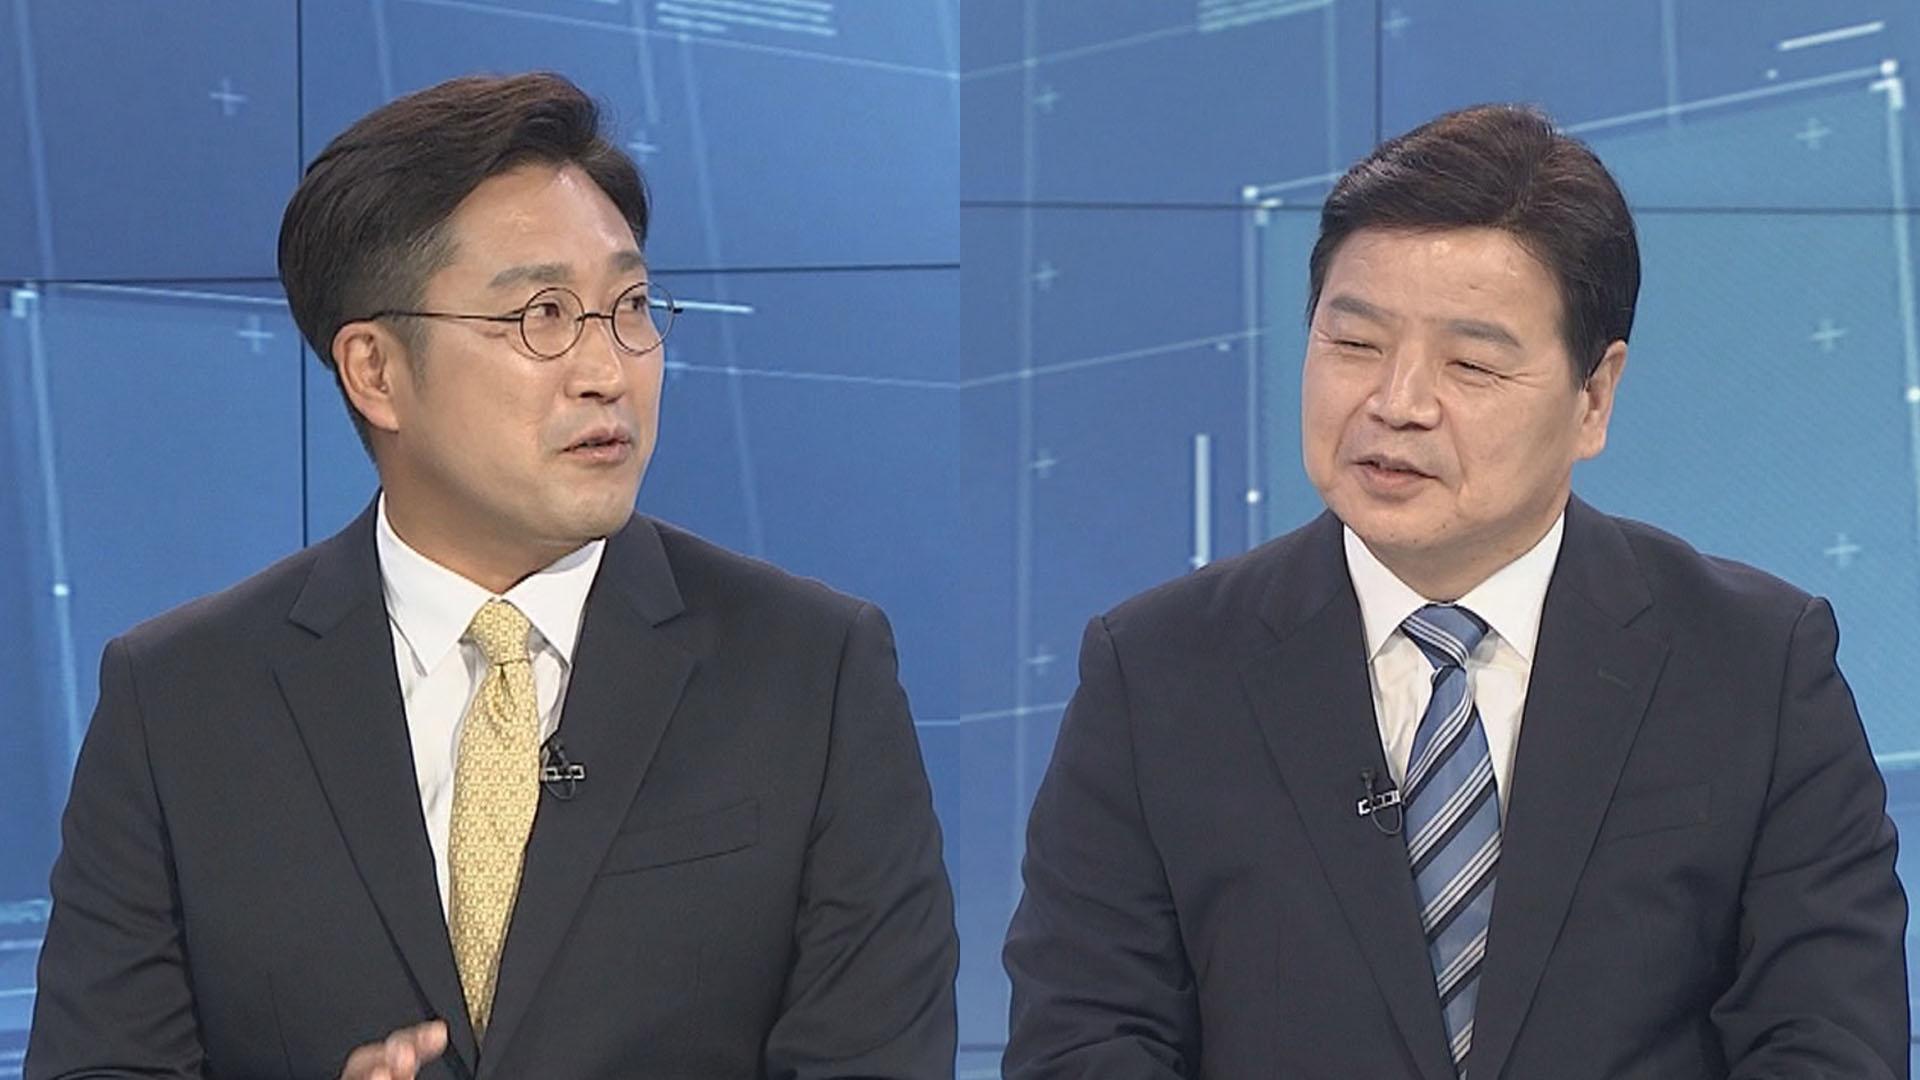 [뉴스포커스] '대장동 개발 의혹' 공방 격화…與호남경선 영향은?